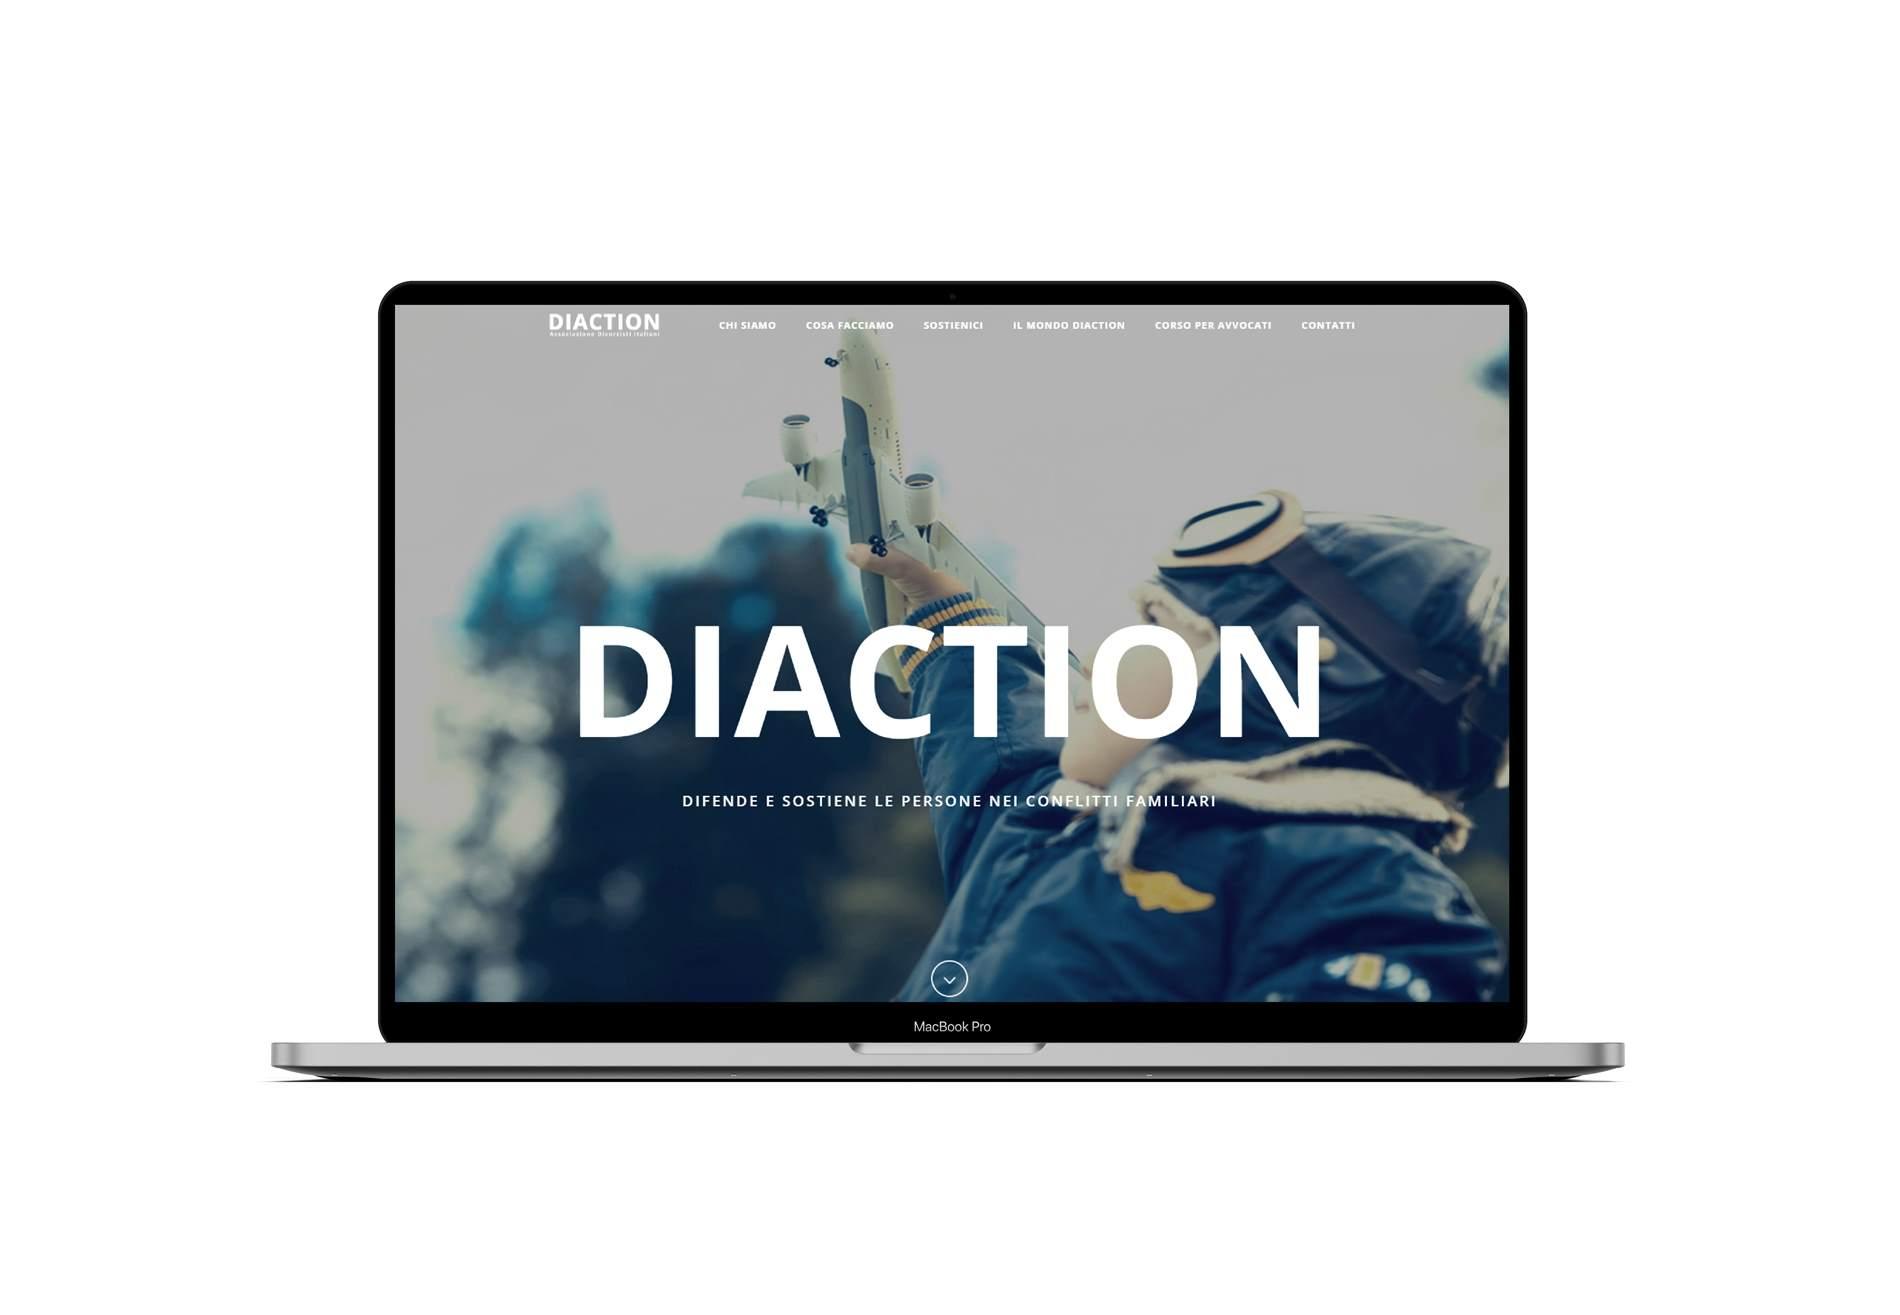 mockup_sito_diaction-1